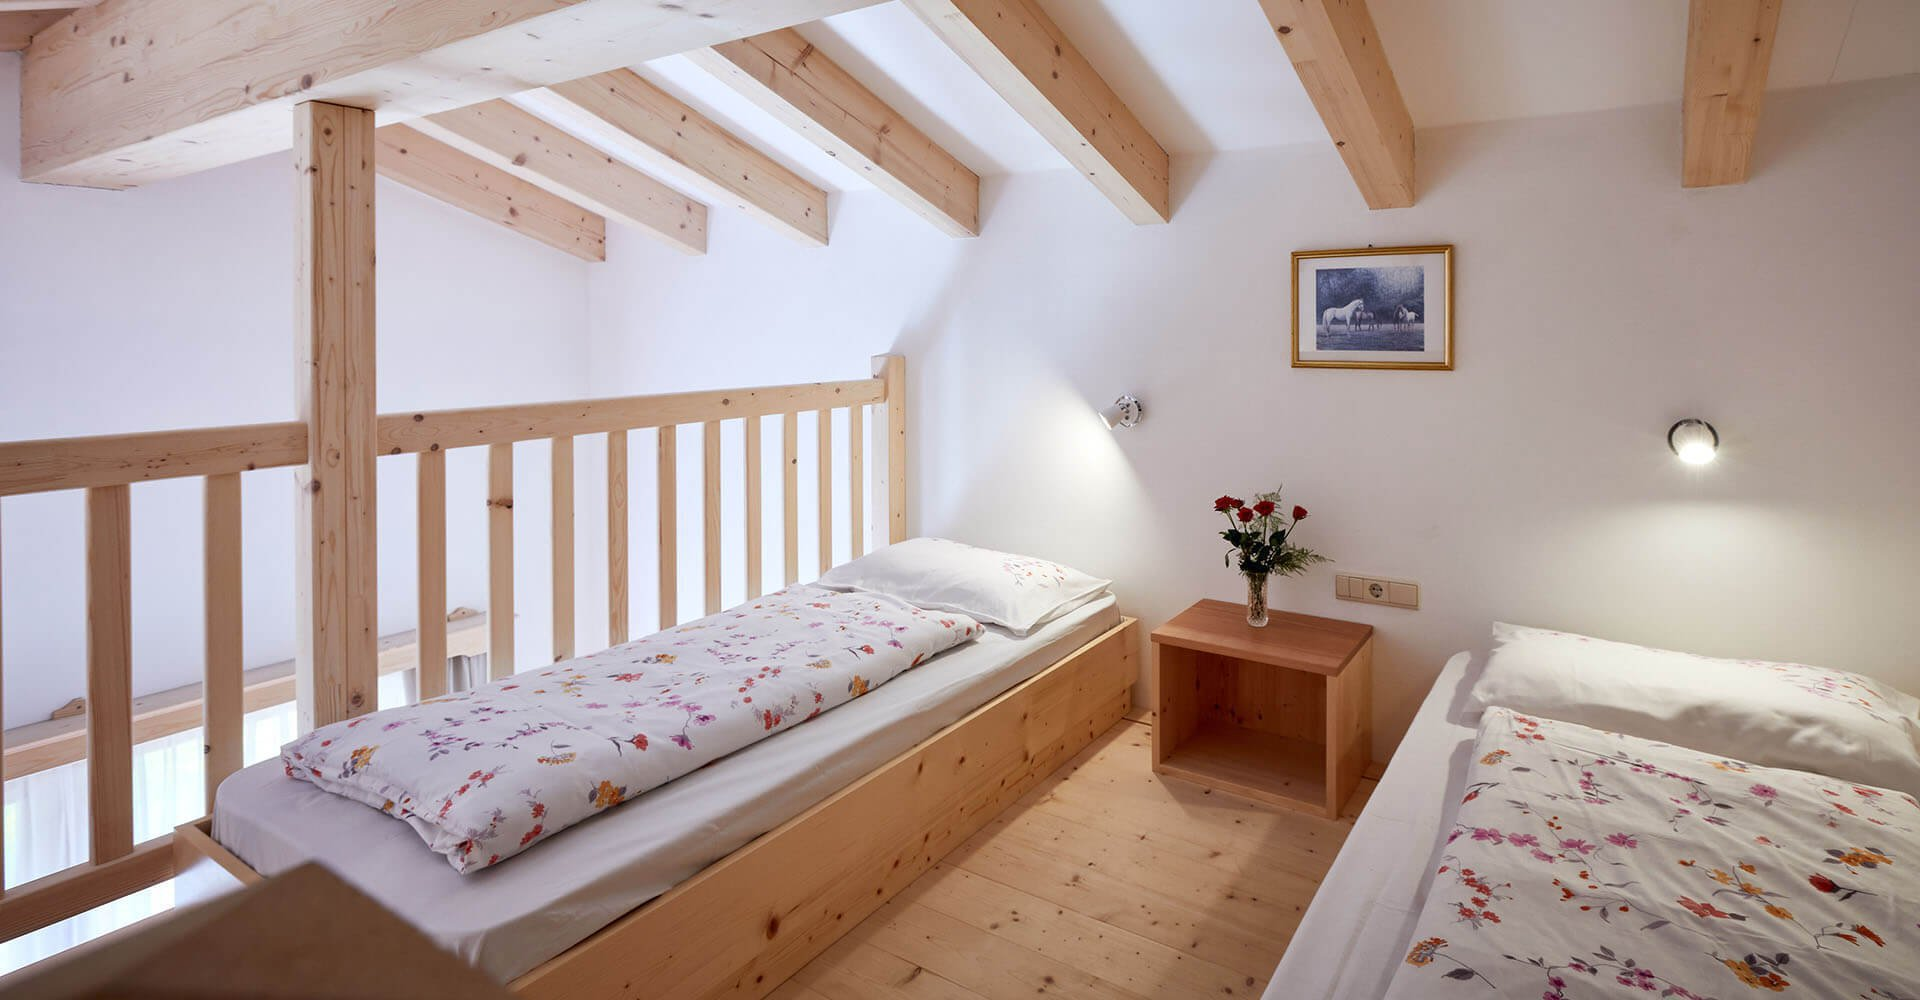 Ihre Unterkunft im Pustertal - Hotel Schönwald in Vals Südtirol